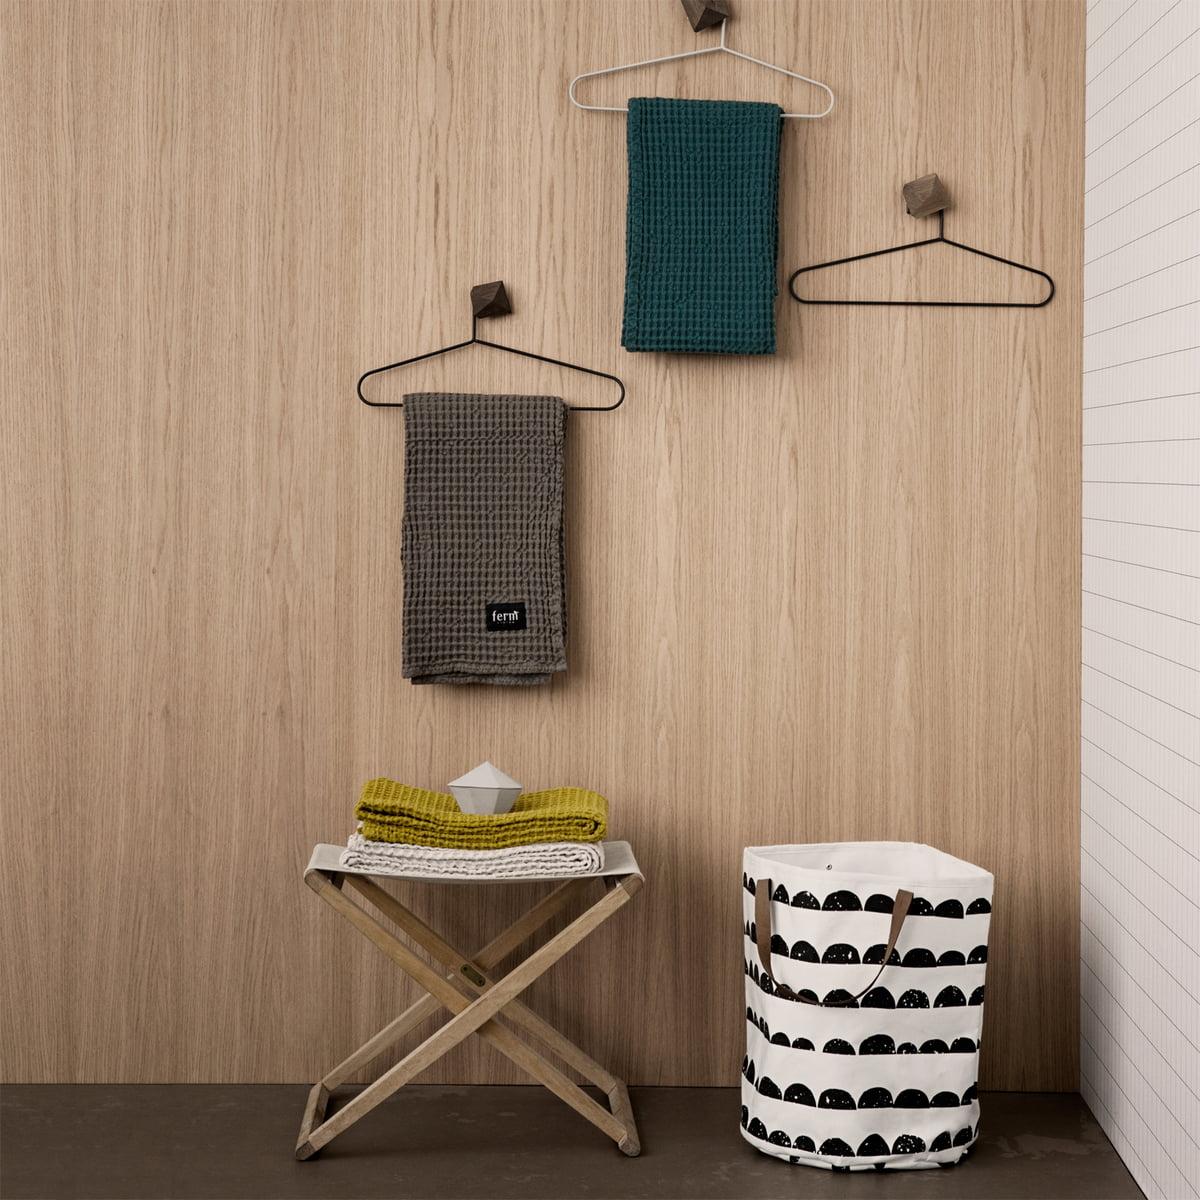 ferm LIVING - Organic Badetuch| 140 x 70 cm| dusty rose | Bad > Handtücher > Badetücher | ferm living